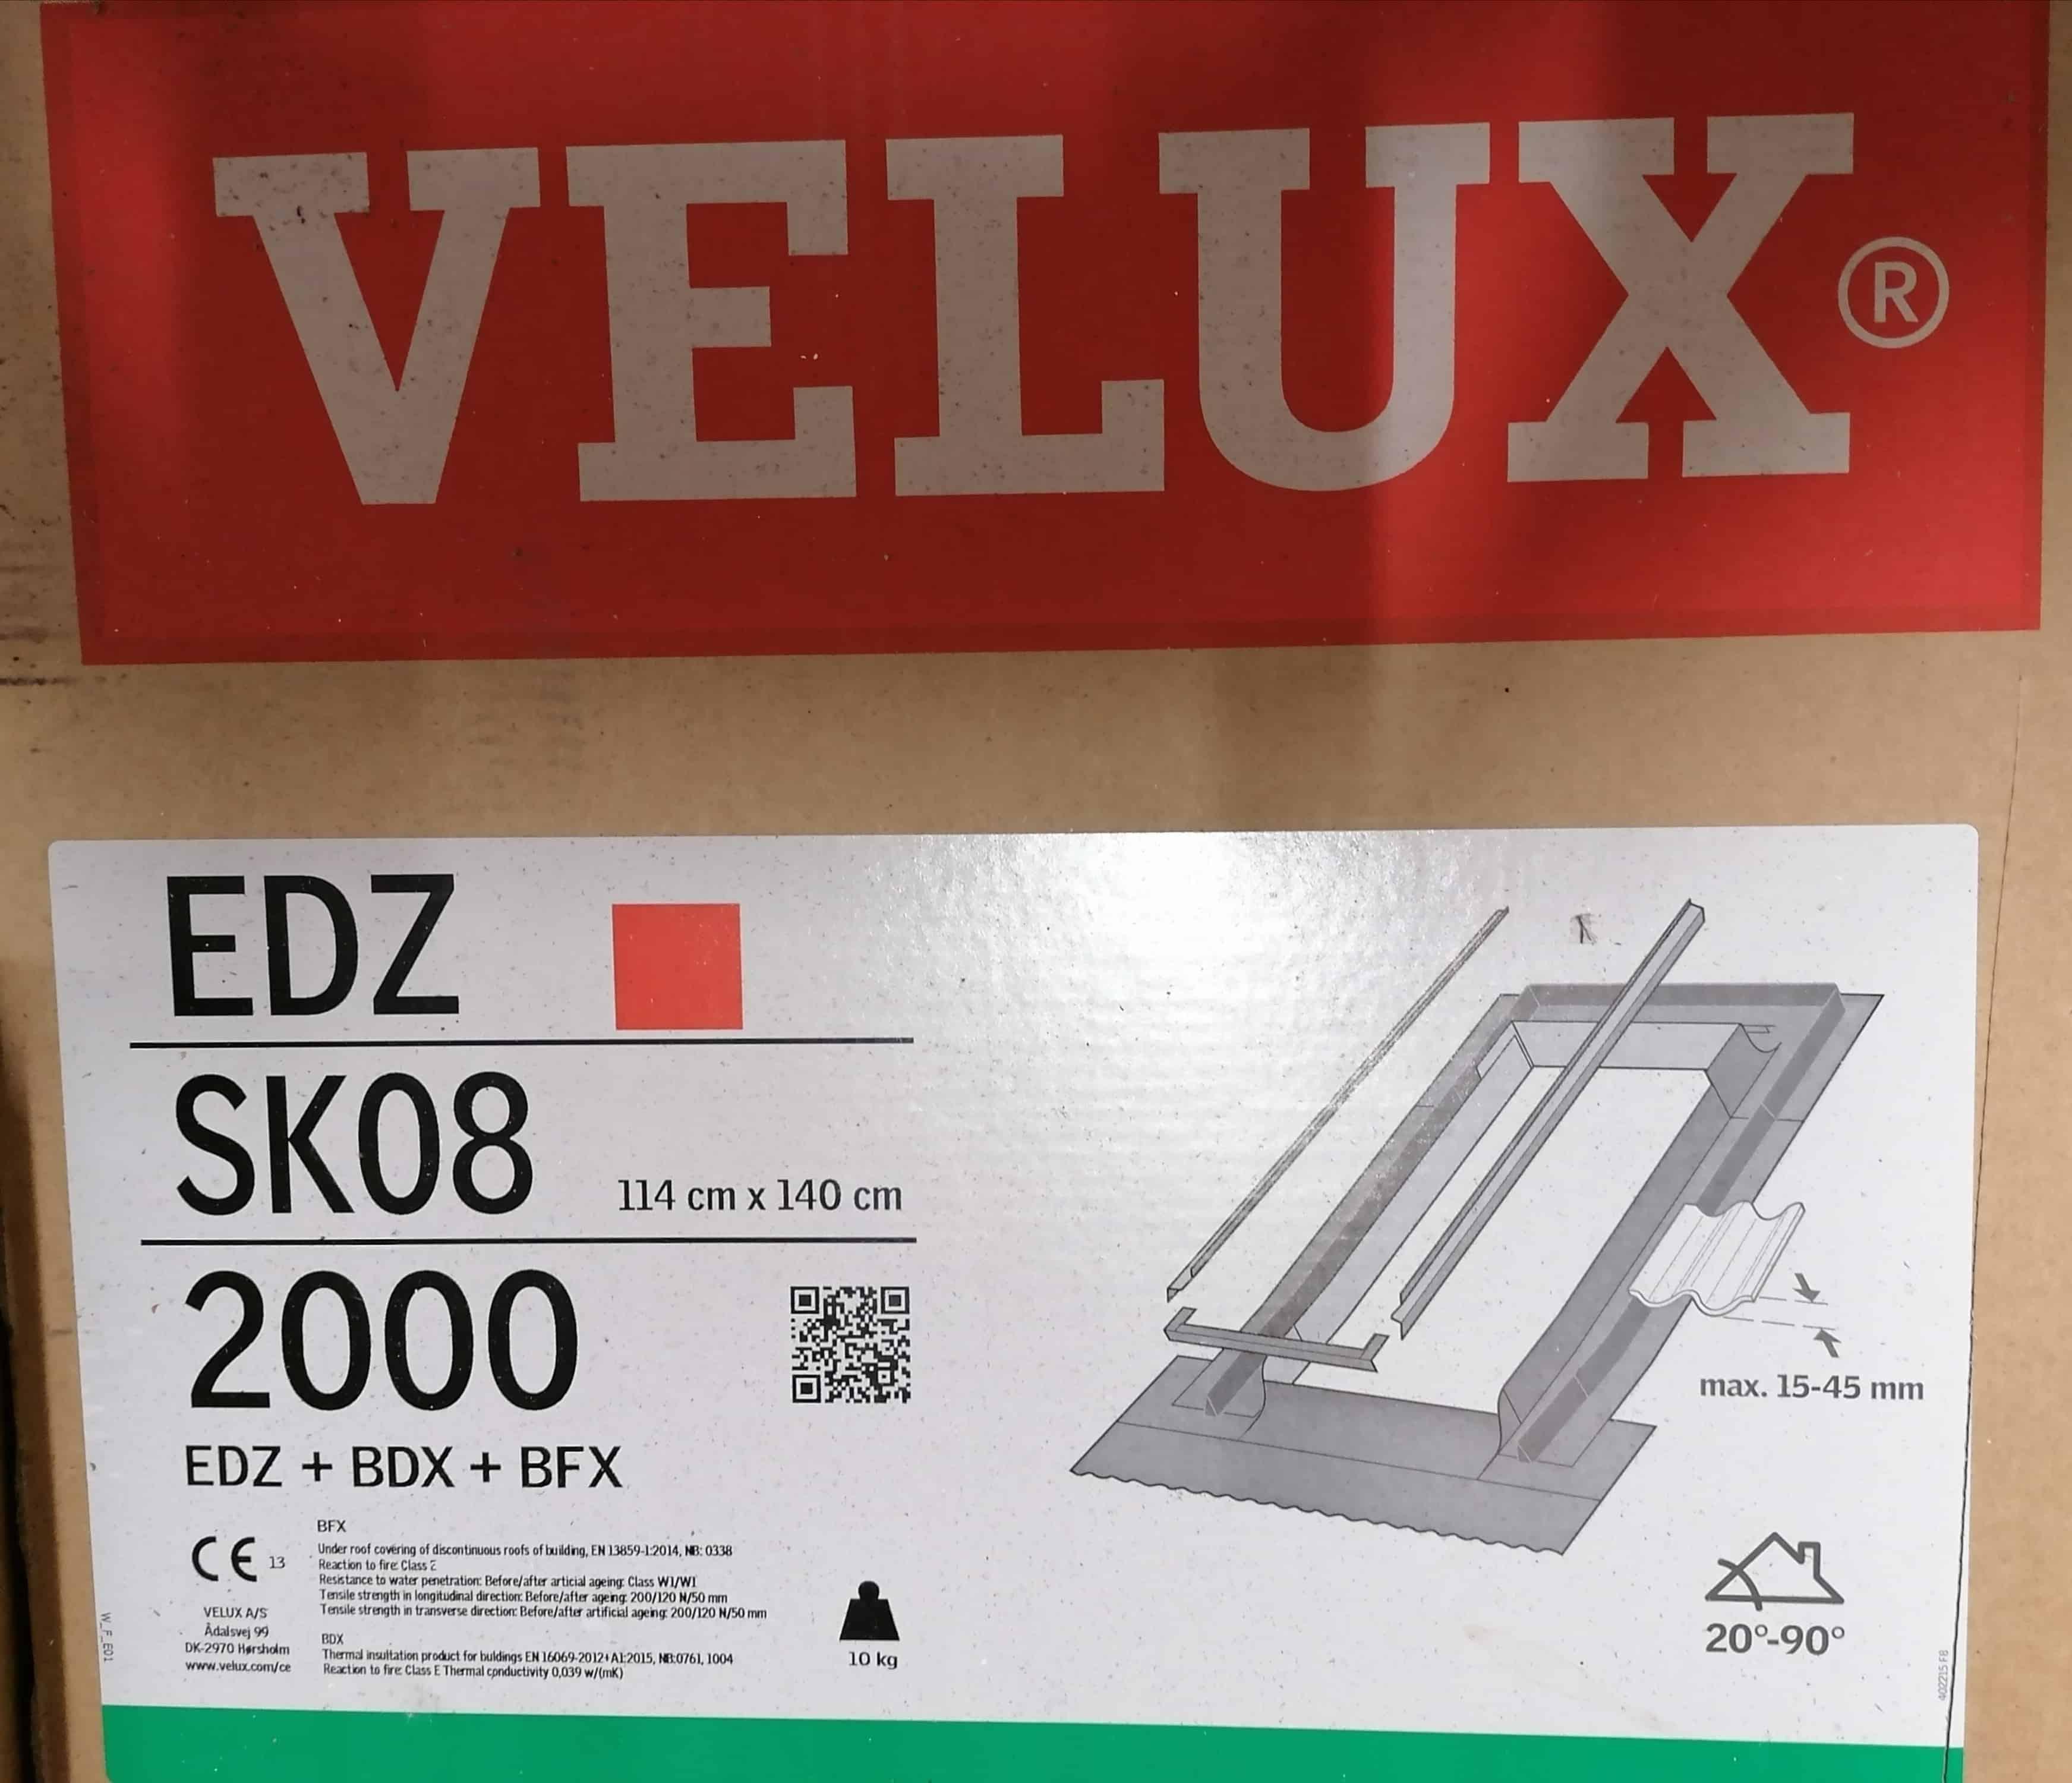 Velux EDZ SK08 2000 Eindeckrahmen, Ziegel, inkl. BDX, ALU 114 x 140mm